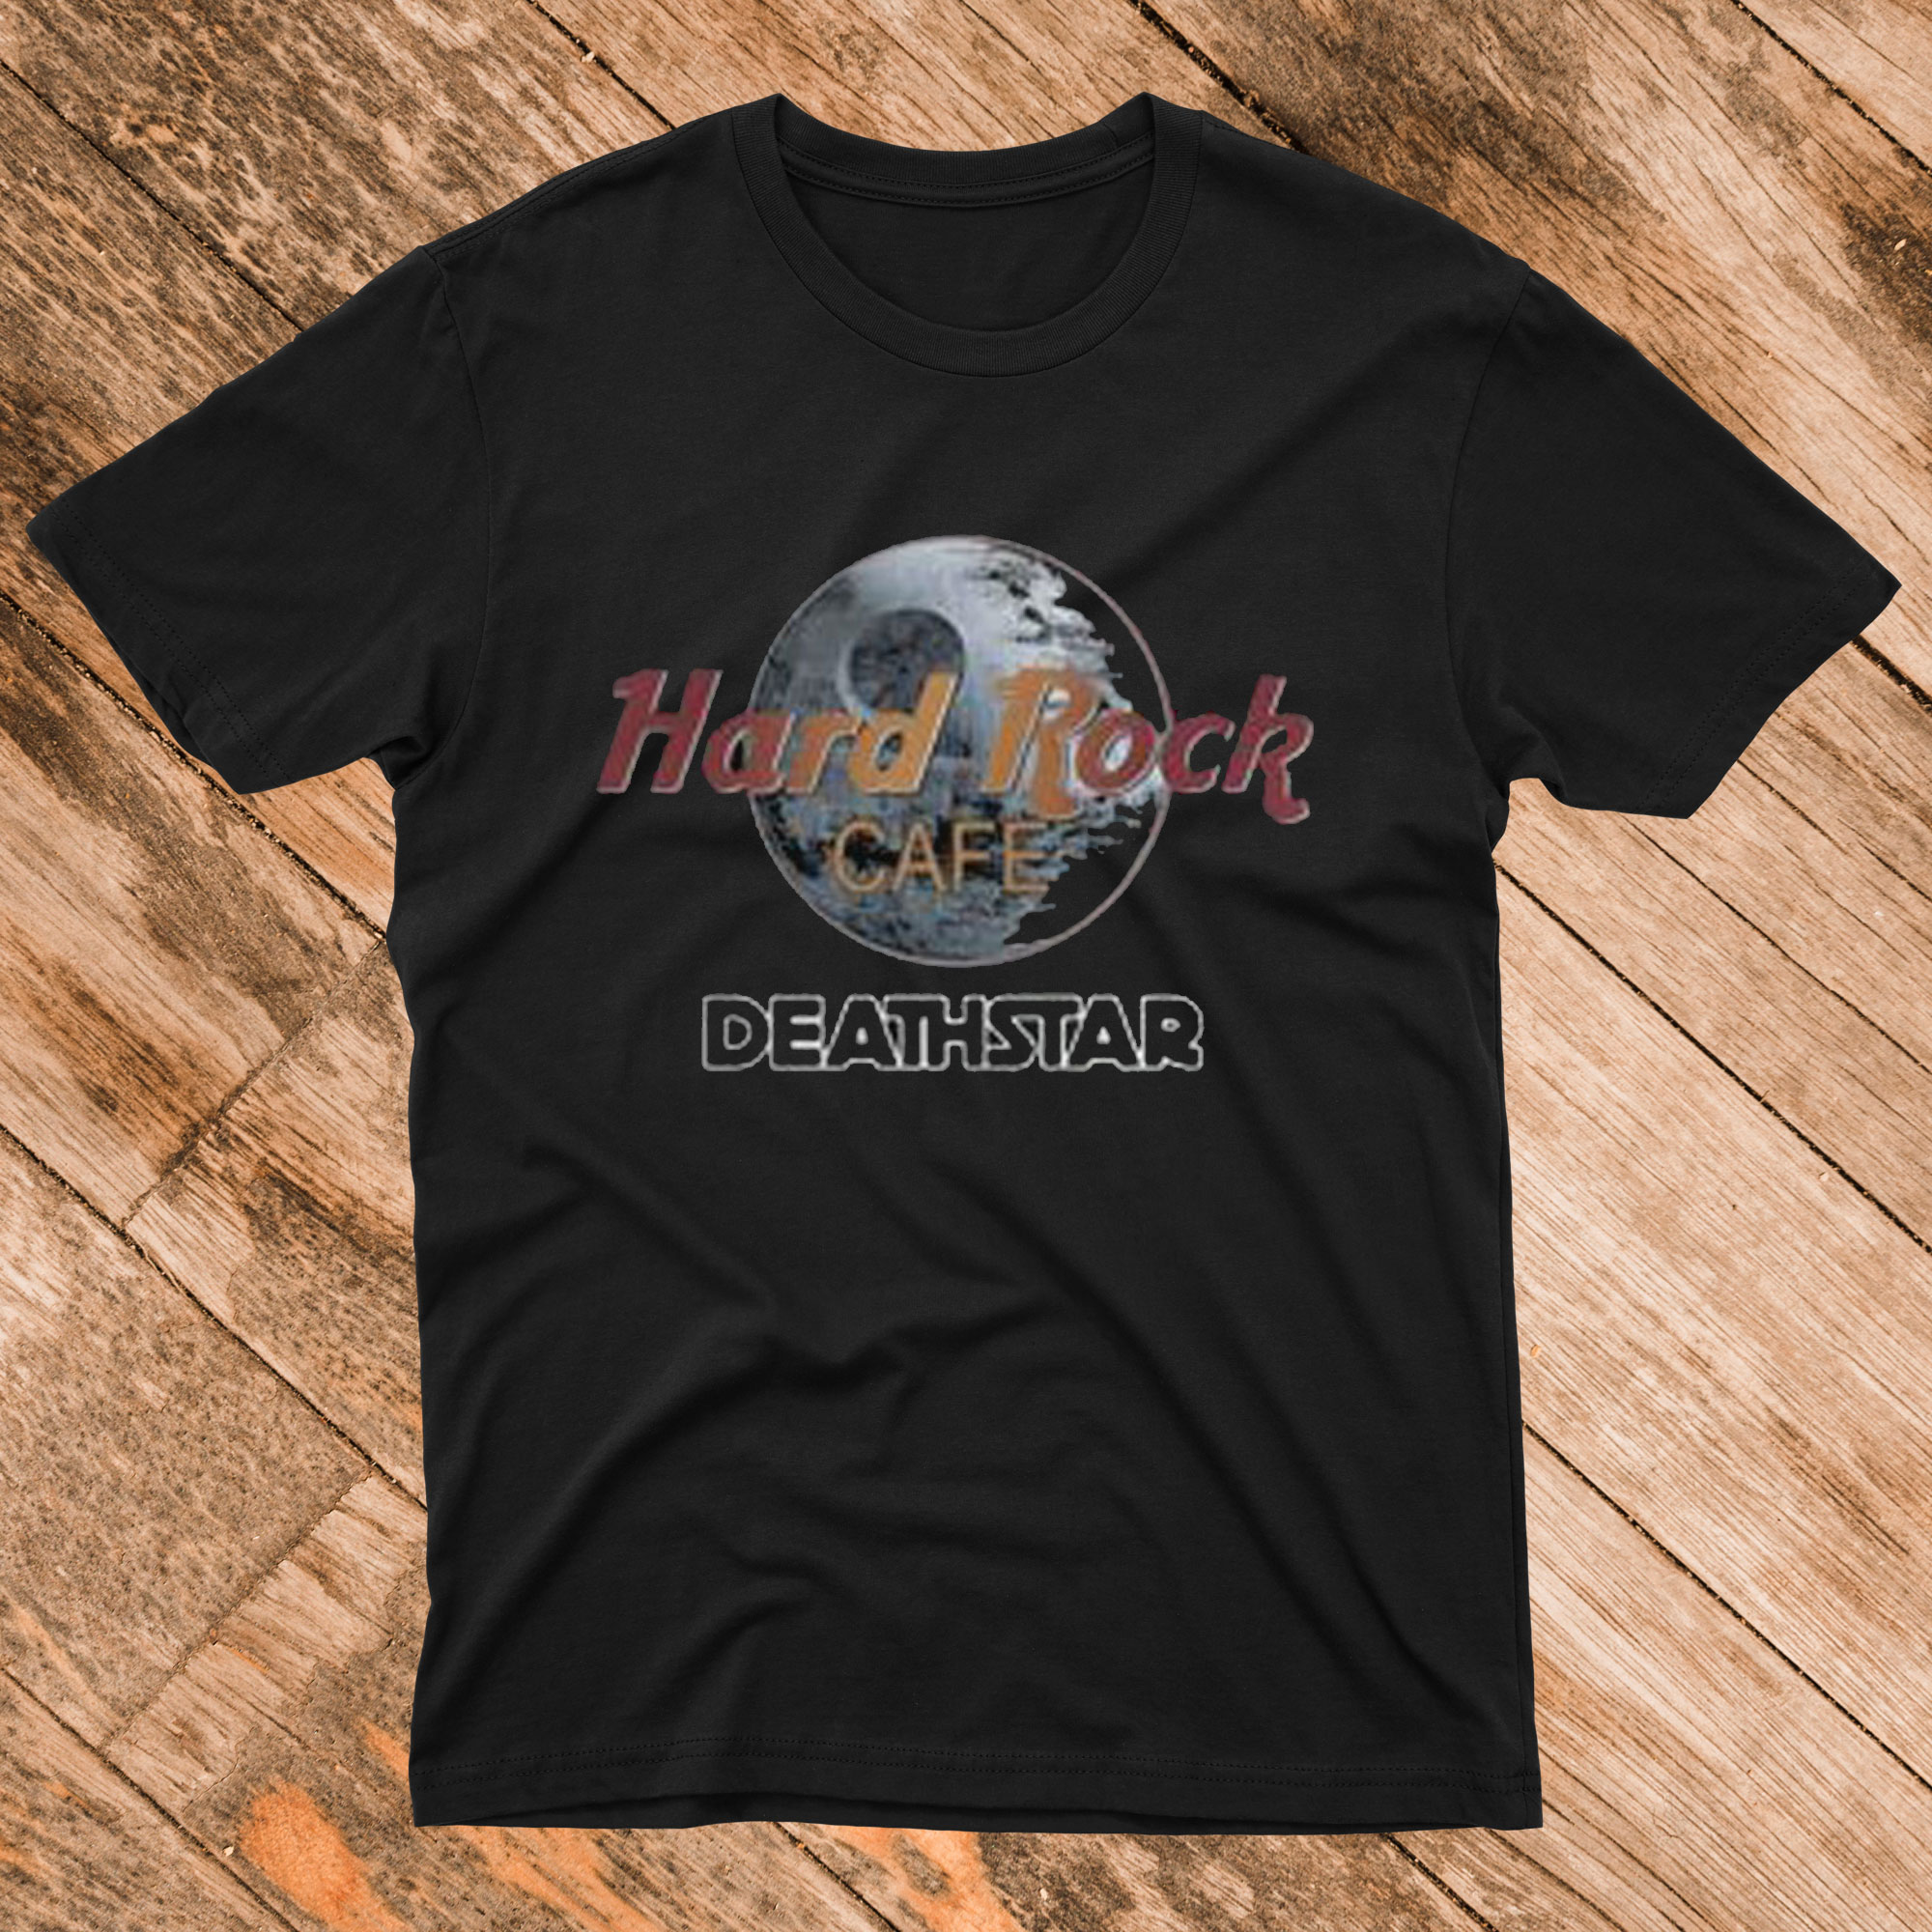 Hard Rock Cafe Death Star T shirt